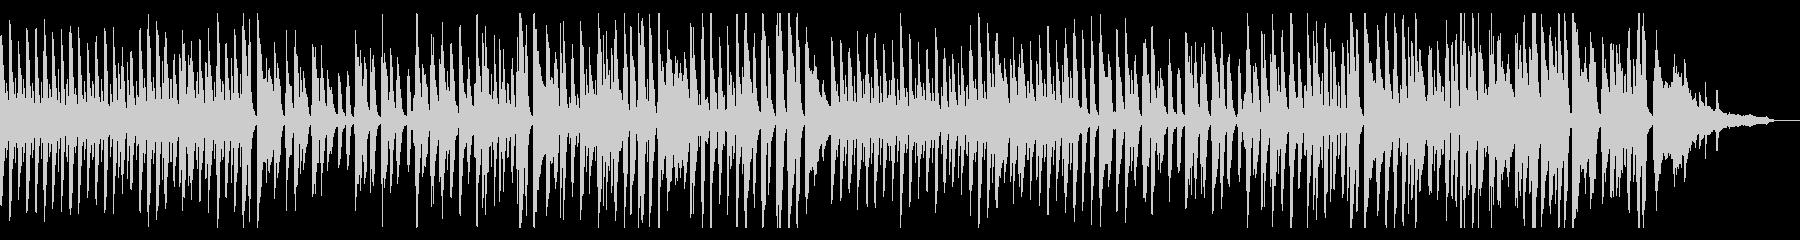 レトロなラグタイム風ホンキートンクピアノの未再生の波形